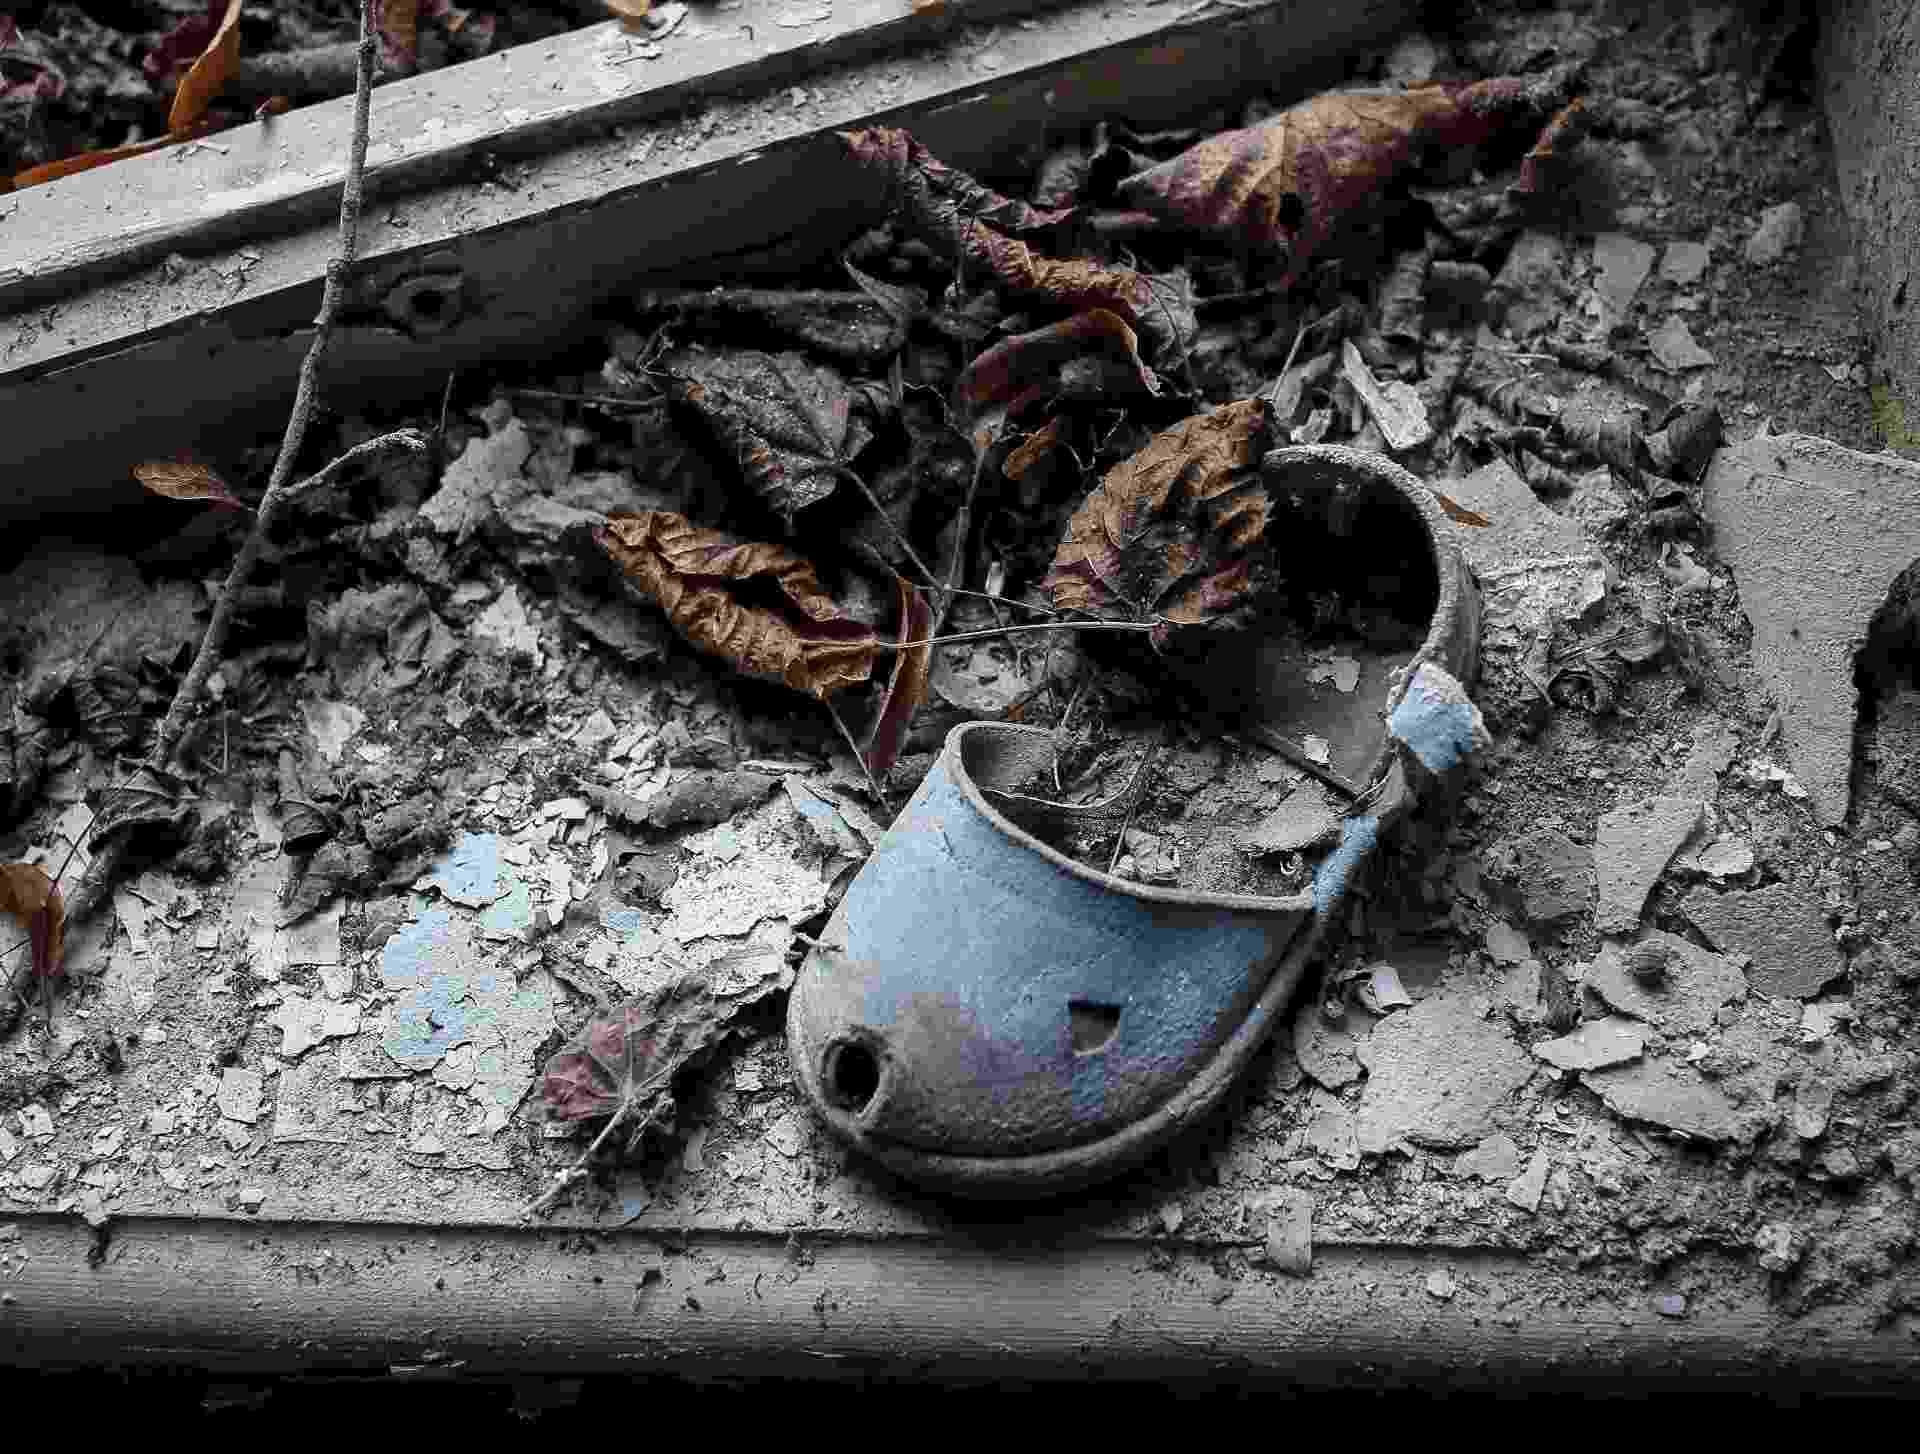 Em 2016, o acidente nuclear de Tchernóbil, na Ucrânia, completa 30 anos. A catástrofe de 1986 aconteceu após, entre outros erros, os funcionários terem fechado o sistema hidráulico que controlava as temperaturas do reator. Após entrar em processo de superaquecimento, uma imensa bola de fogo anunciava a explosão do reator rico em Urânio-235, elemento químico de grande poder radioativo. Na foto, um chinelo de criança deixado num jardim de infância na cidade de Pripyat, próxima à usina - Gleb Garanich/Reuters